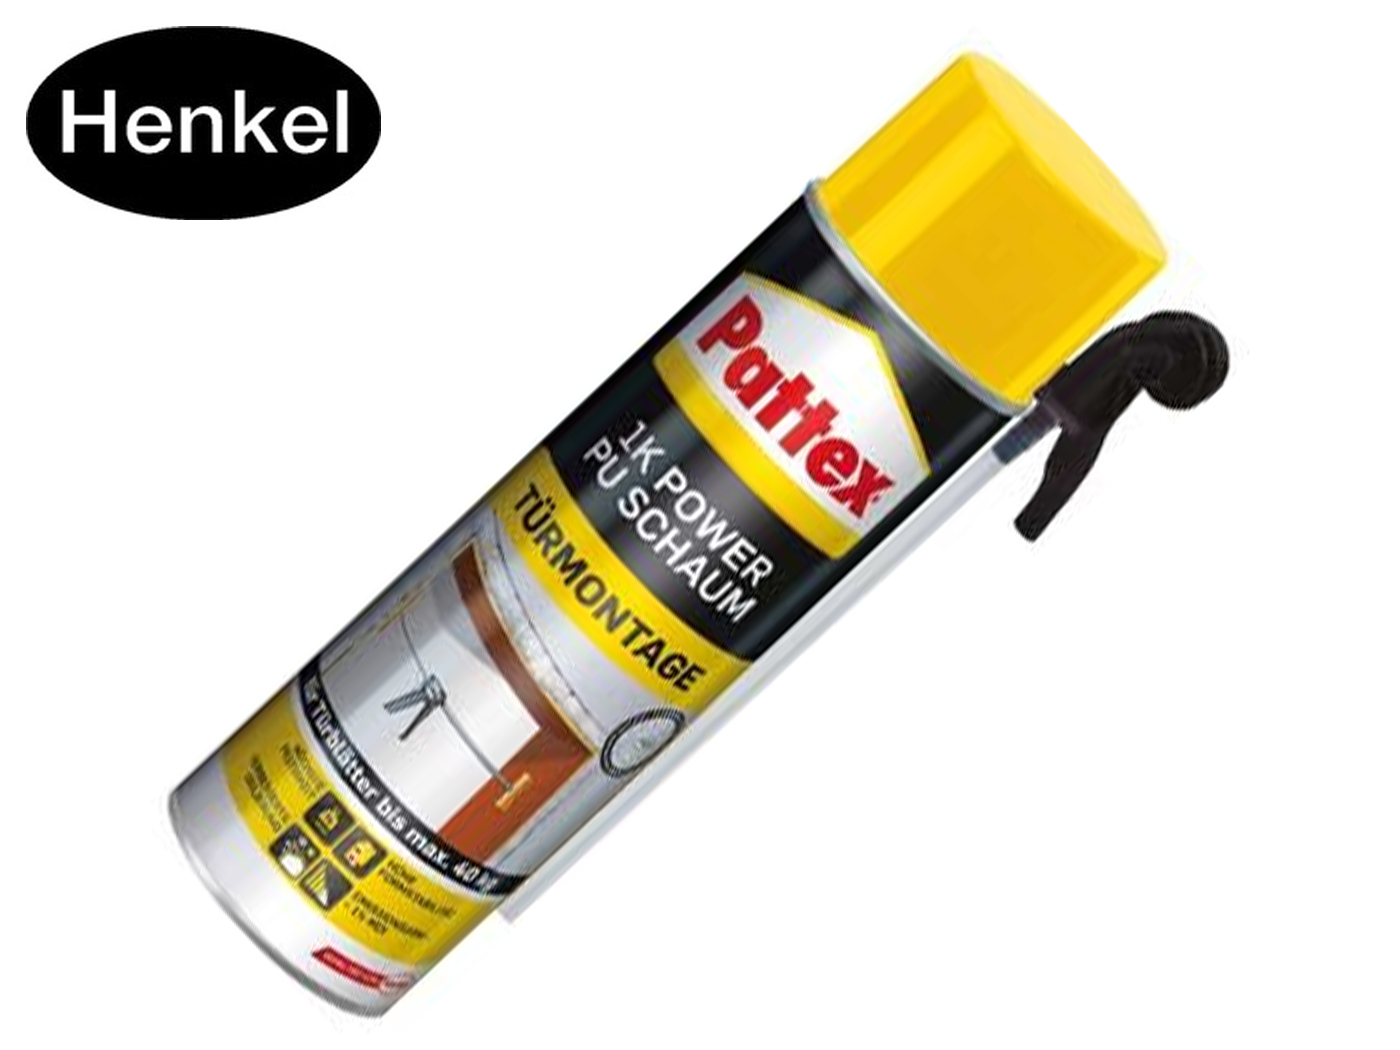 Pattex Power PU schuim deurmontage 500 ml   DKMTools - DKM Tools